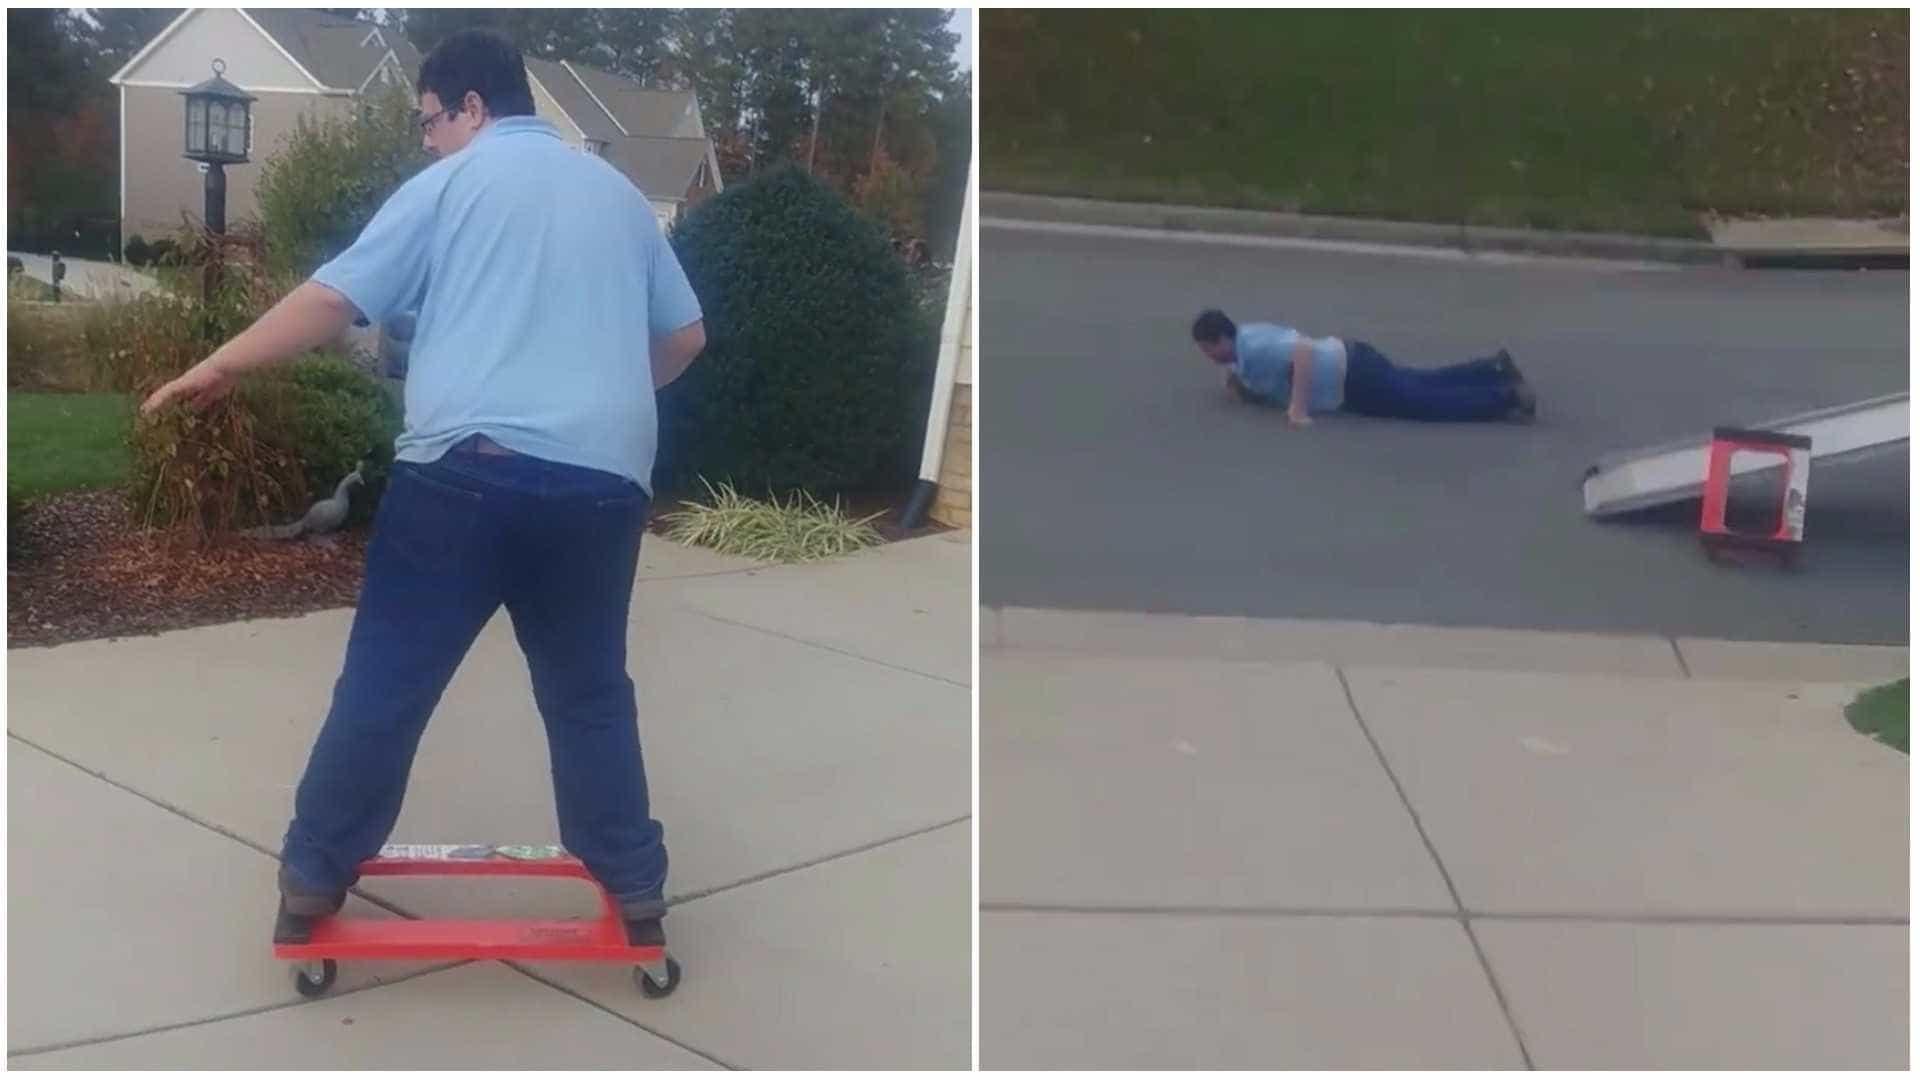 Homem improvisa skate e acaba sofrendo queda épica